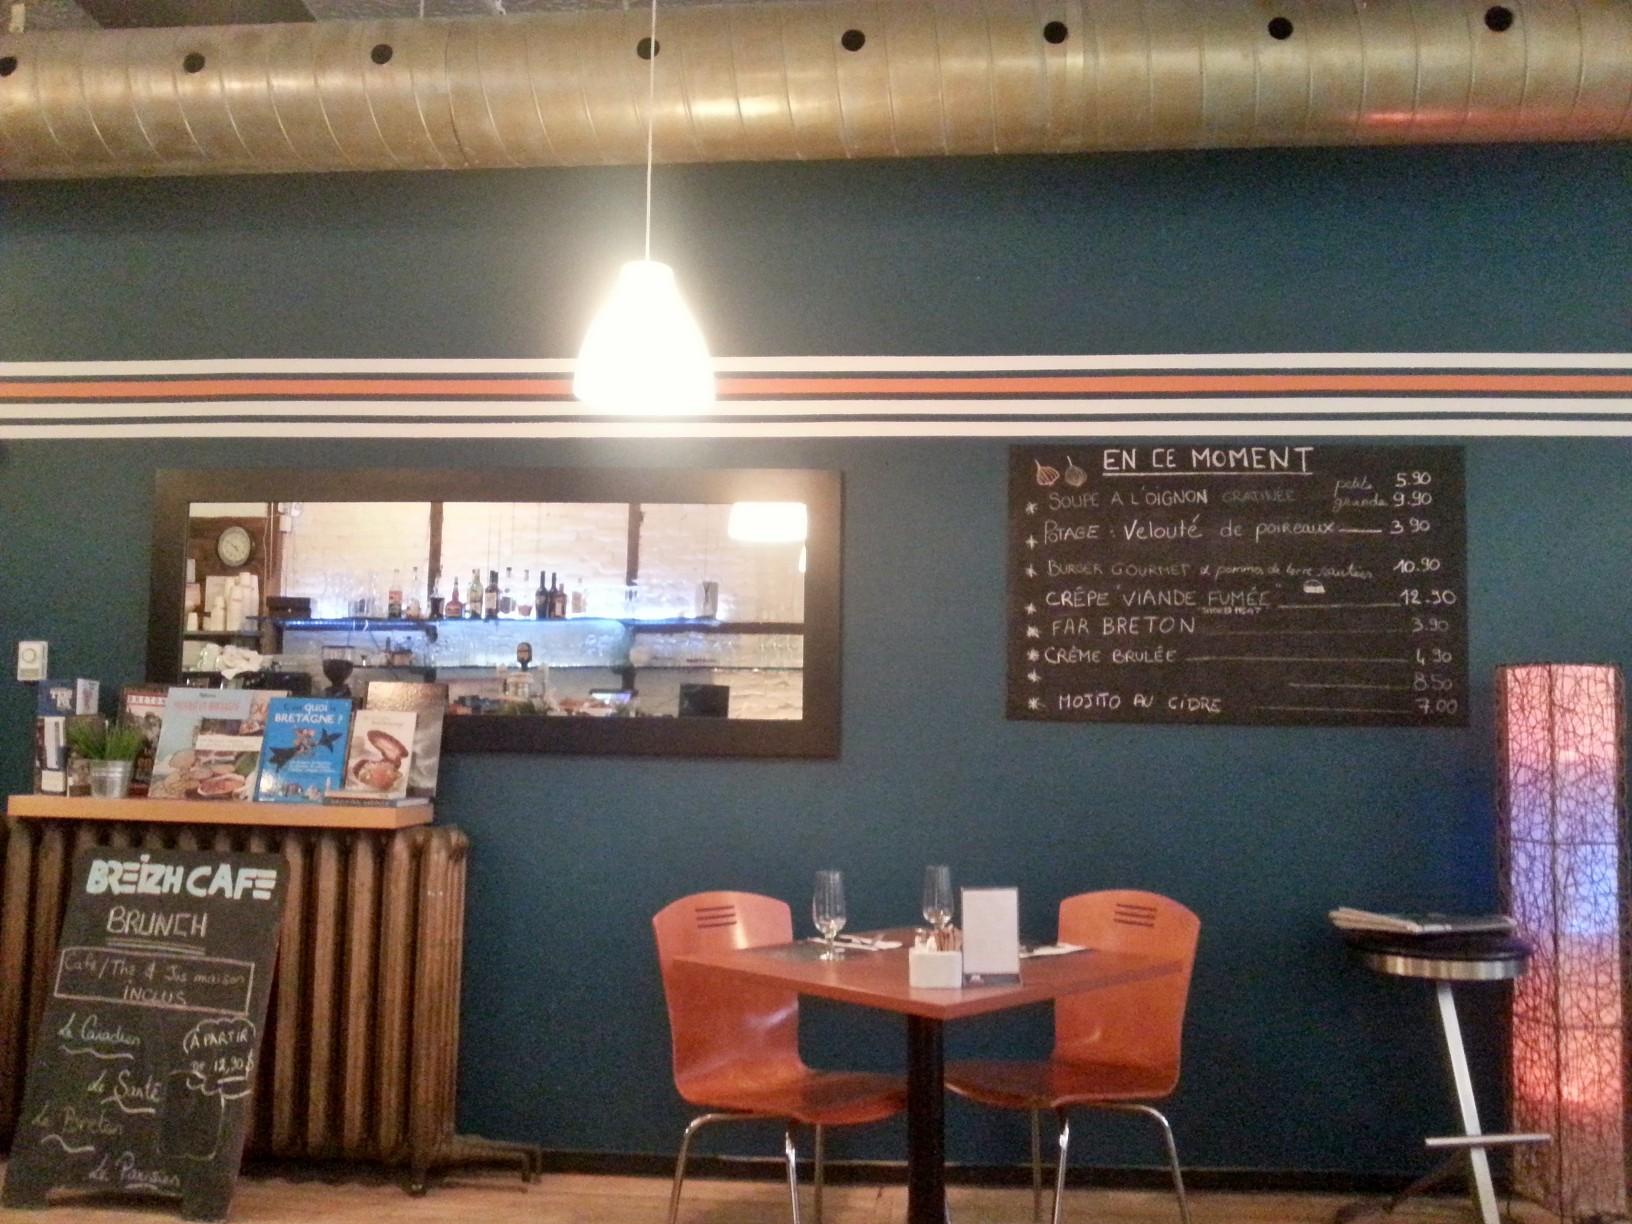 Breizh Café (3991 Boulevard Saint-Laurent): egy fantasztikus kis bretoni vendéglő, mindenféle crêpe -pel.